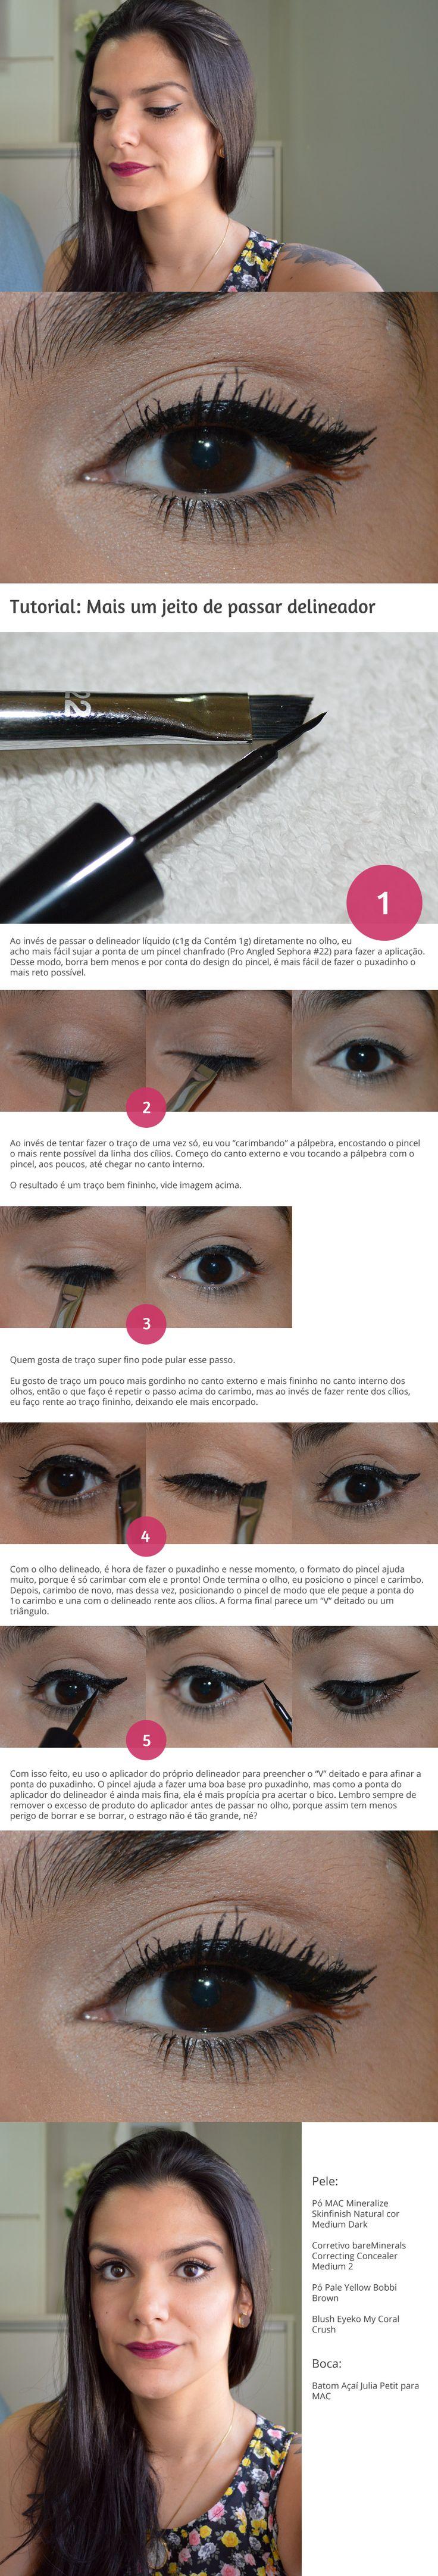 Tutorial: Mais um jeito de passar delineador http://www.2beauty.com.br/blog/2015/03/20/tutorial-mais-um-jeito-de-passar-delineador/ #tutorial #delineado